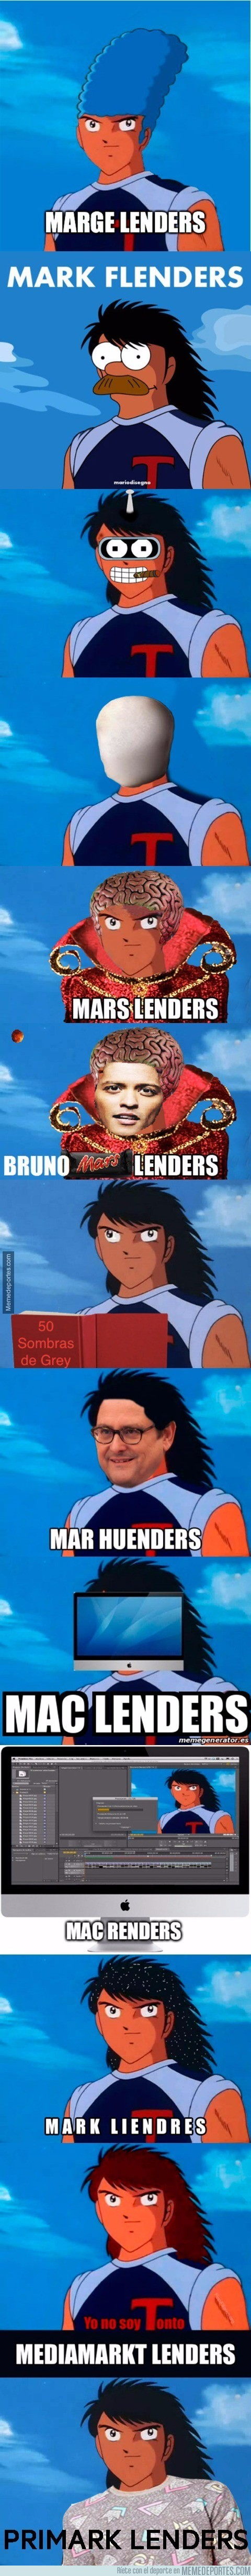 924492 - La recopilación más épica de memes de Mark Lenders